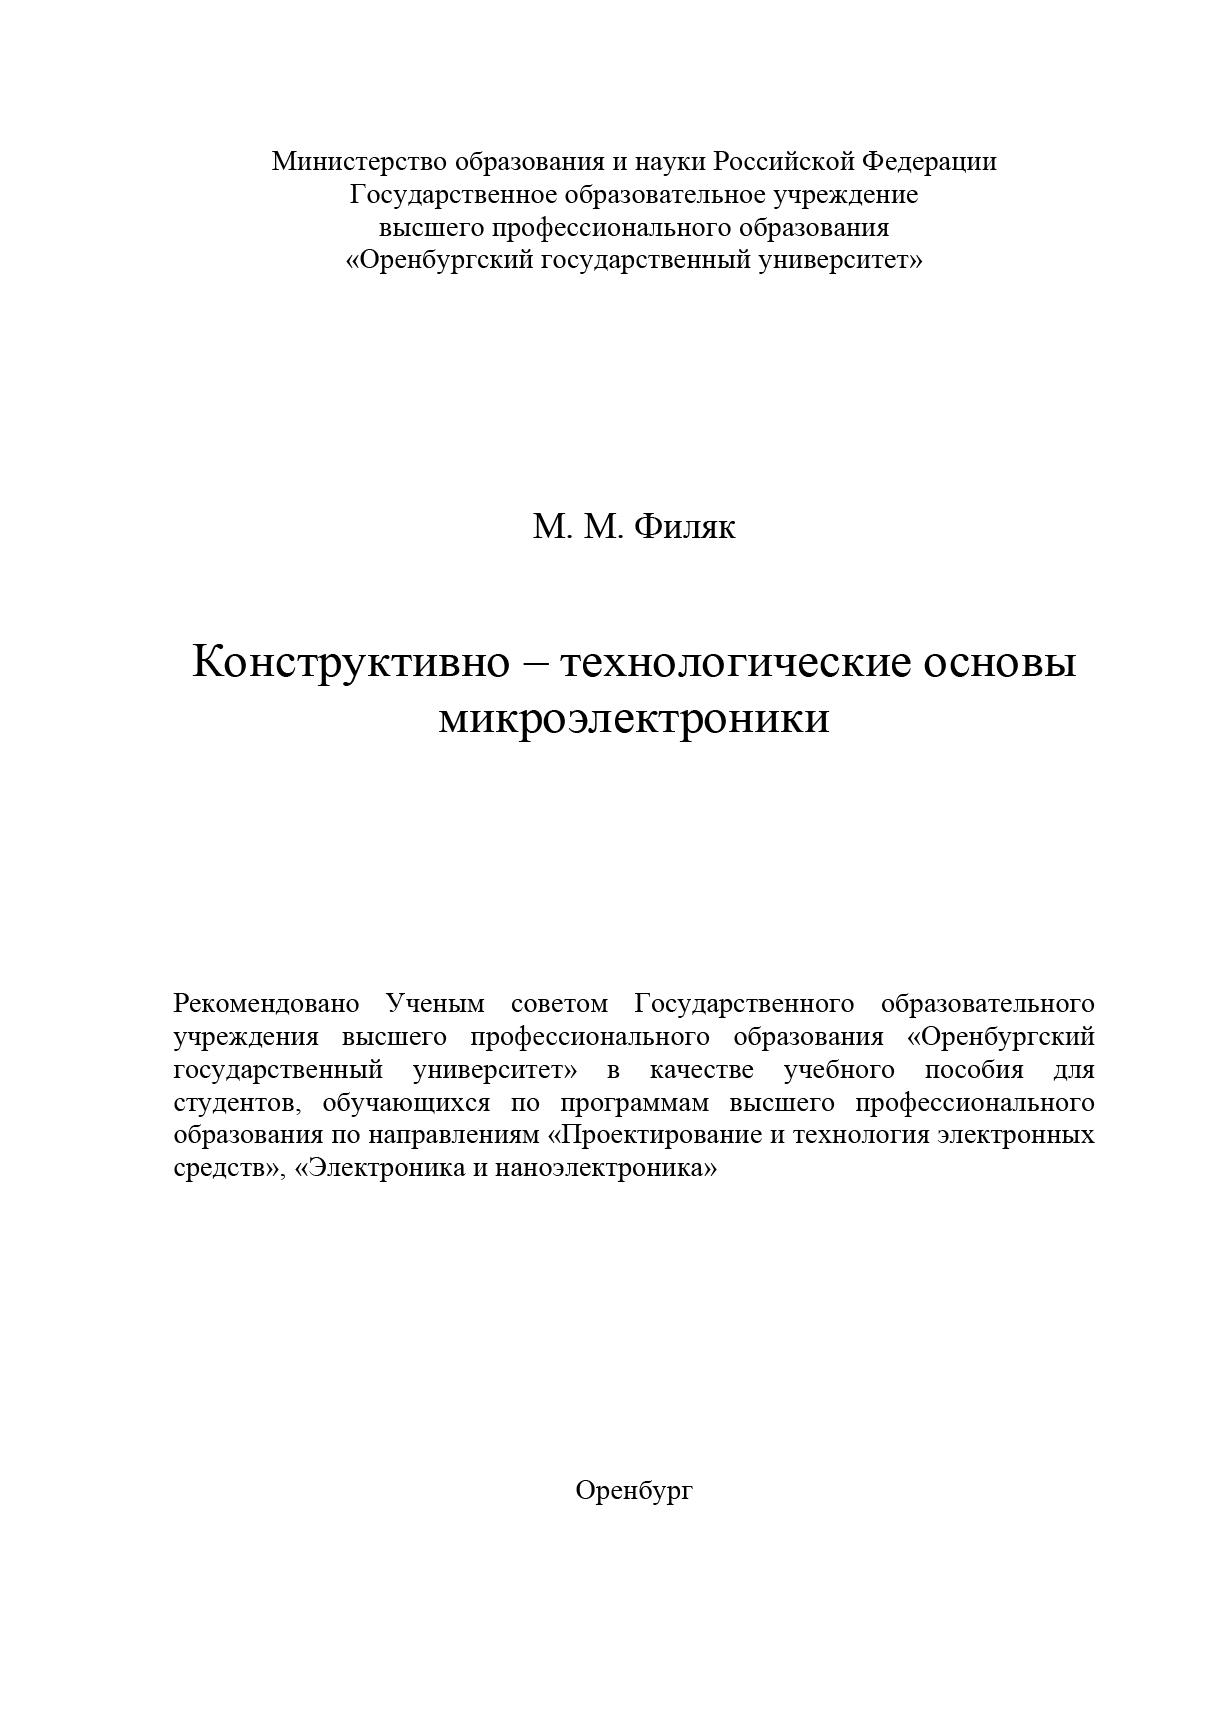 М. Филяк Конструктивно-технологические основы микроэлектроники м филяк конструктивно технологические основы микроэлектроники